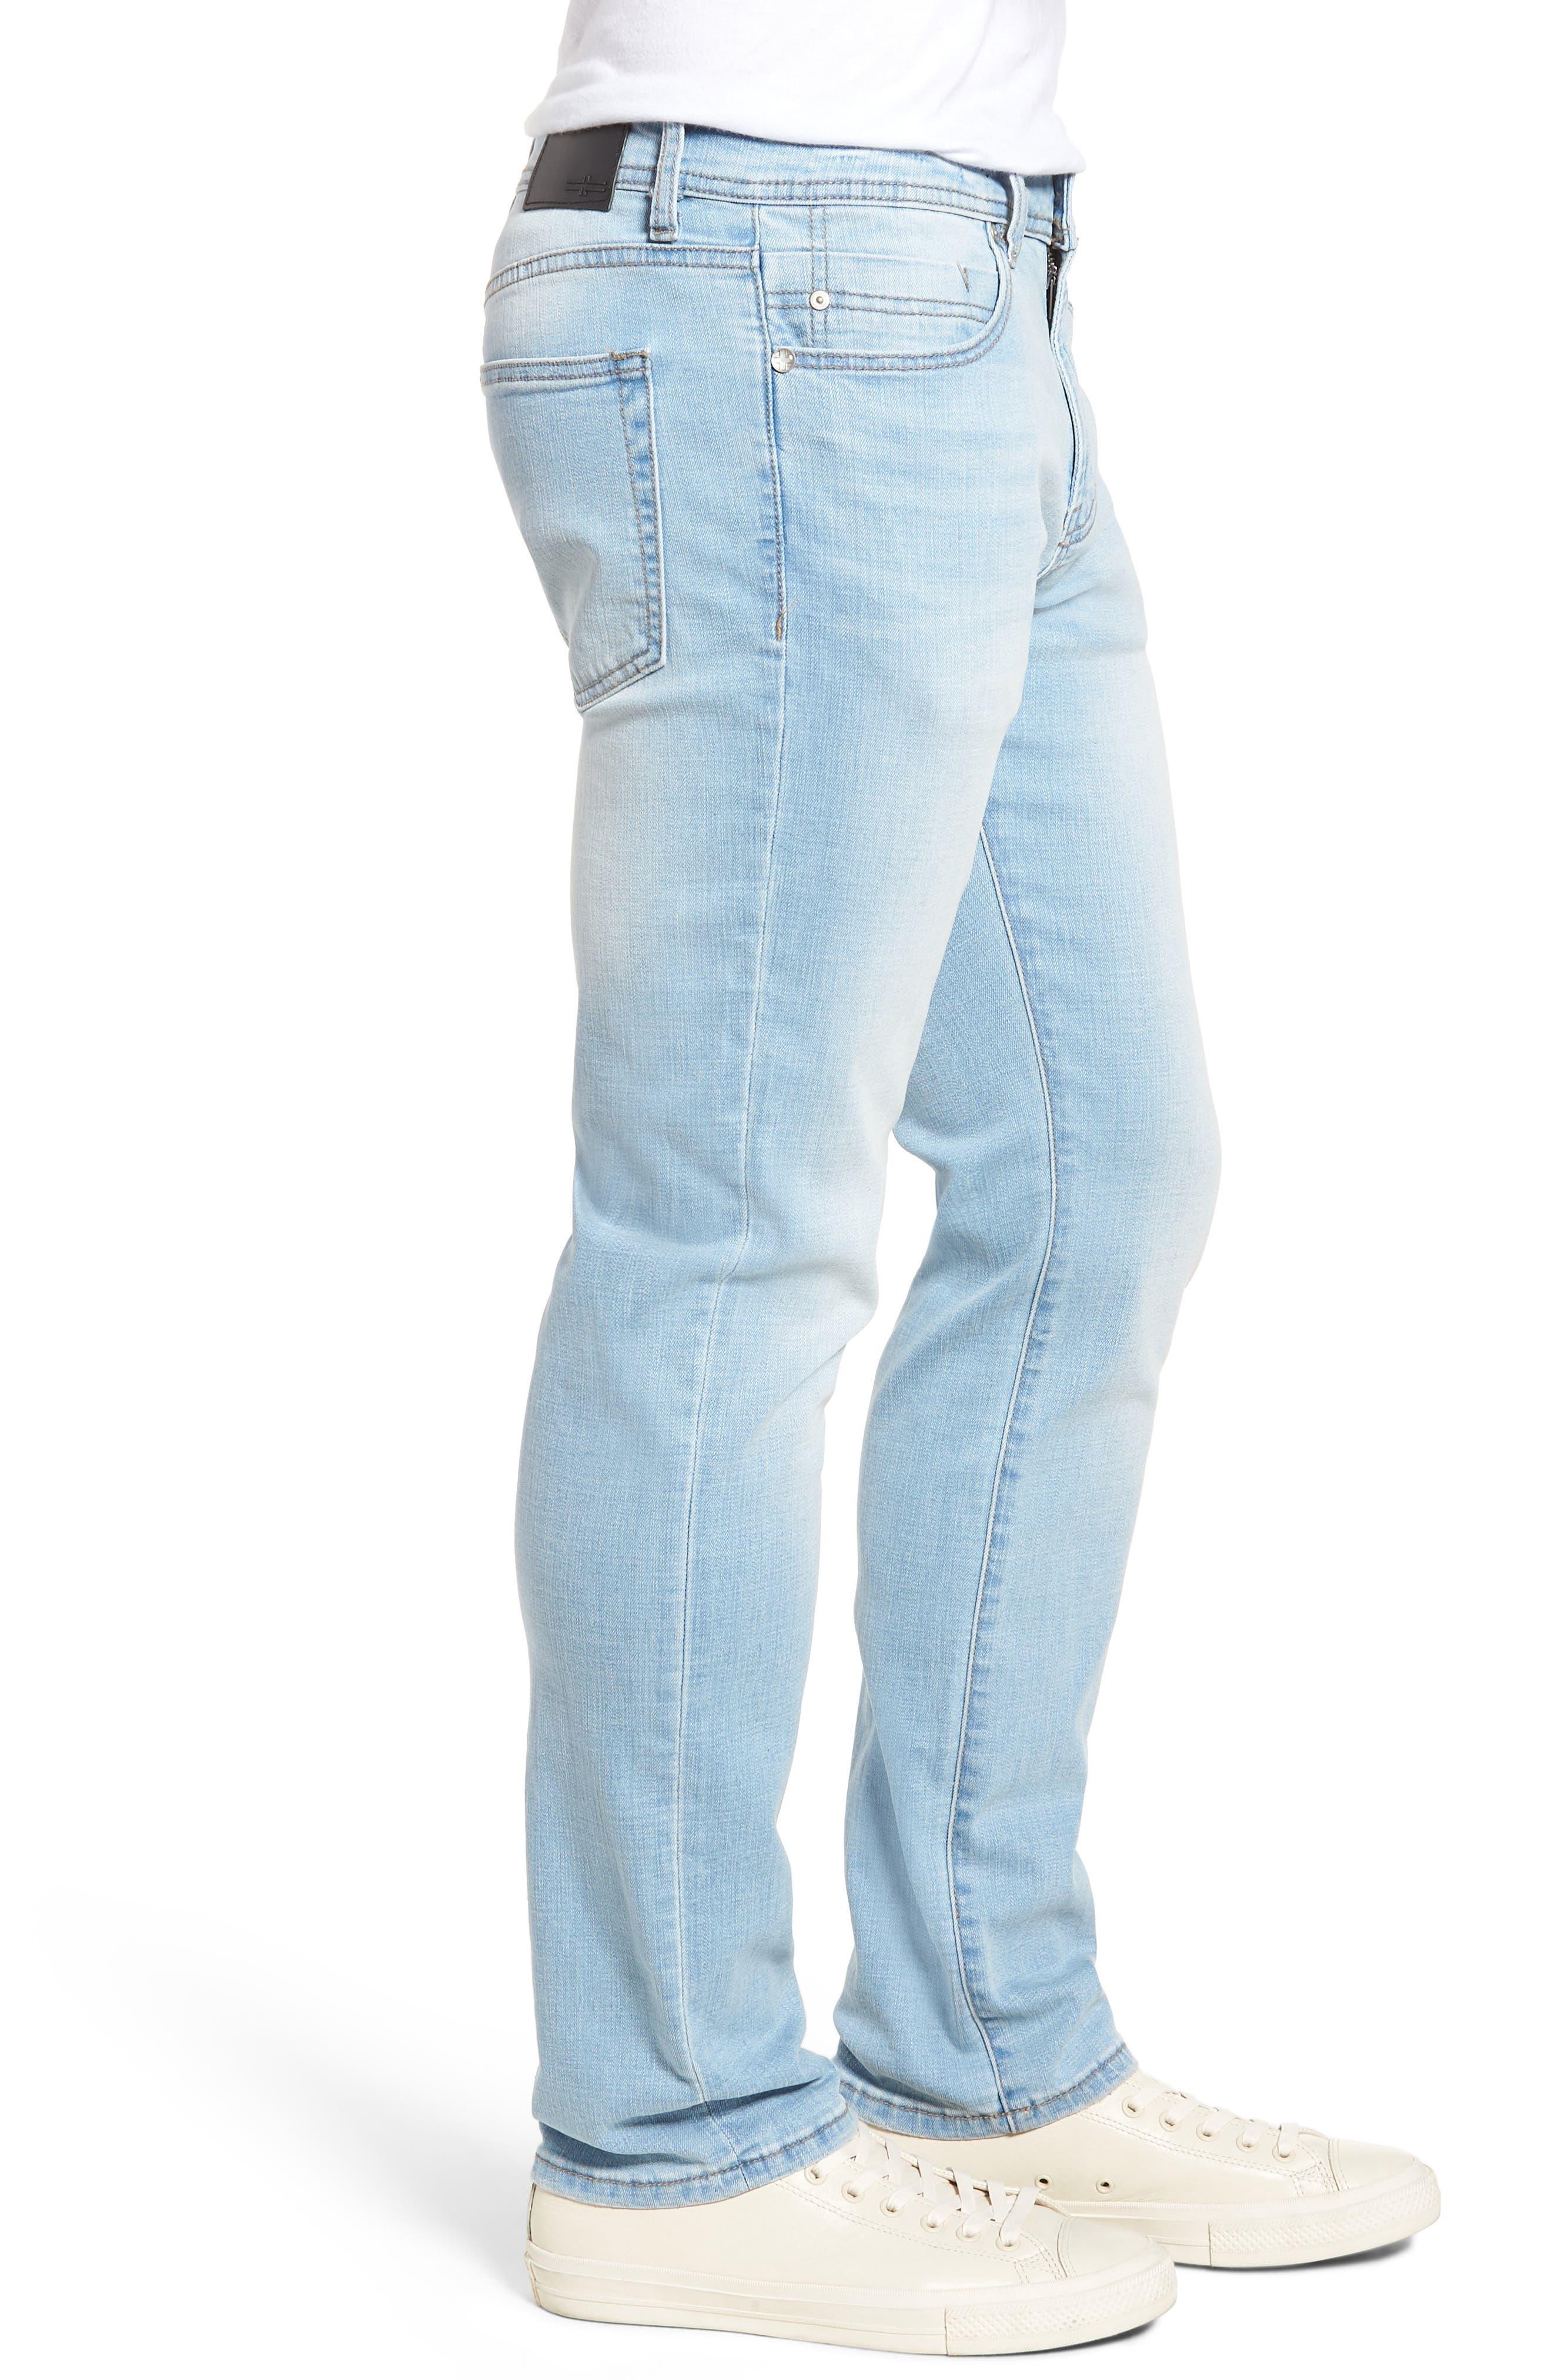 Jeans Co. Straight Leg Jeans,                             Alternate thumbnail 3, color,                             Riverside Light